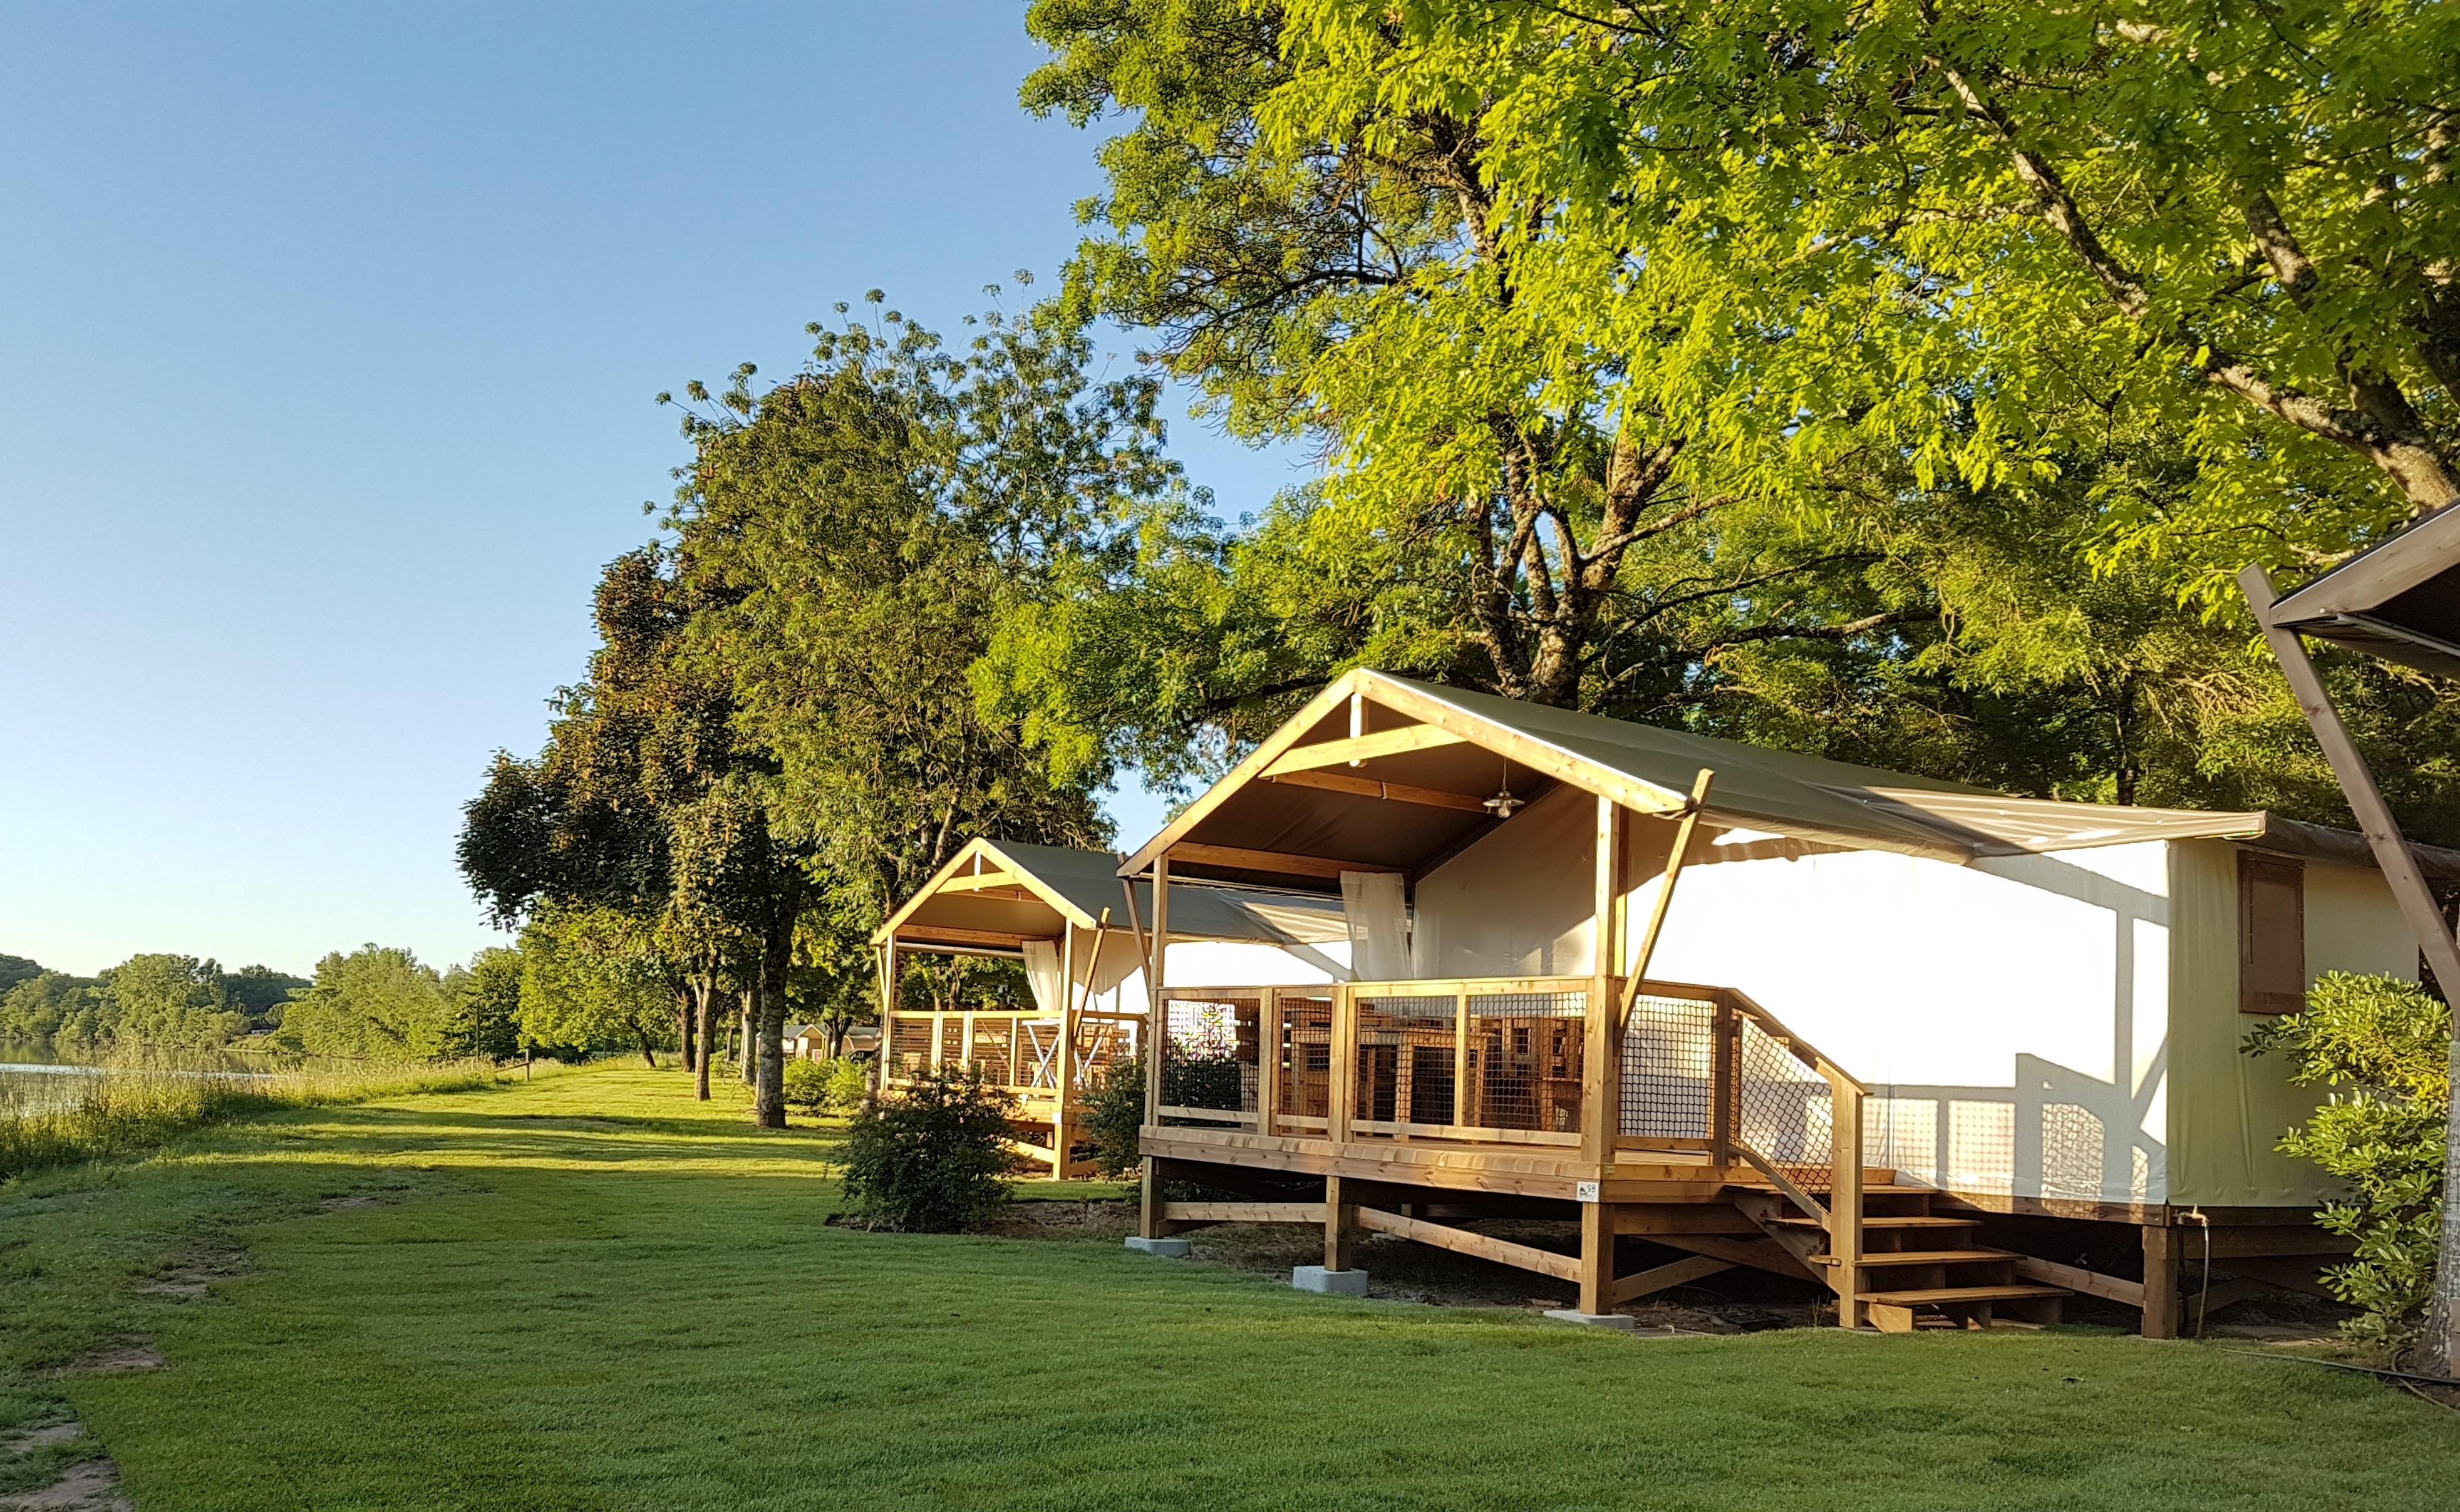 Location - Havana Lodge Avec Sanitaires - Camping Municipal de l'Île de Bidounet